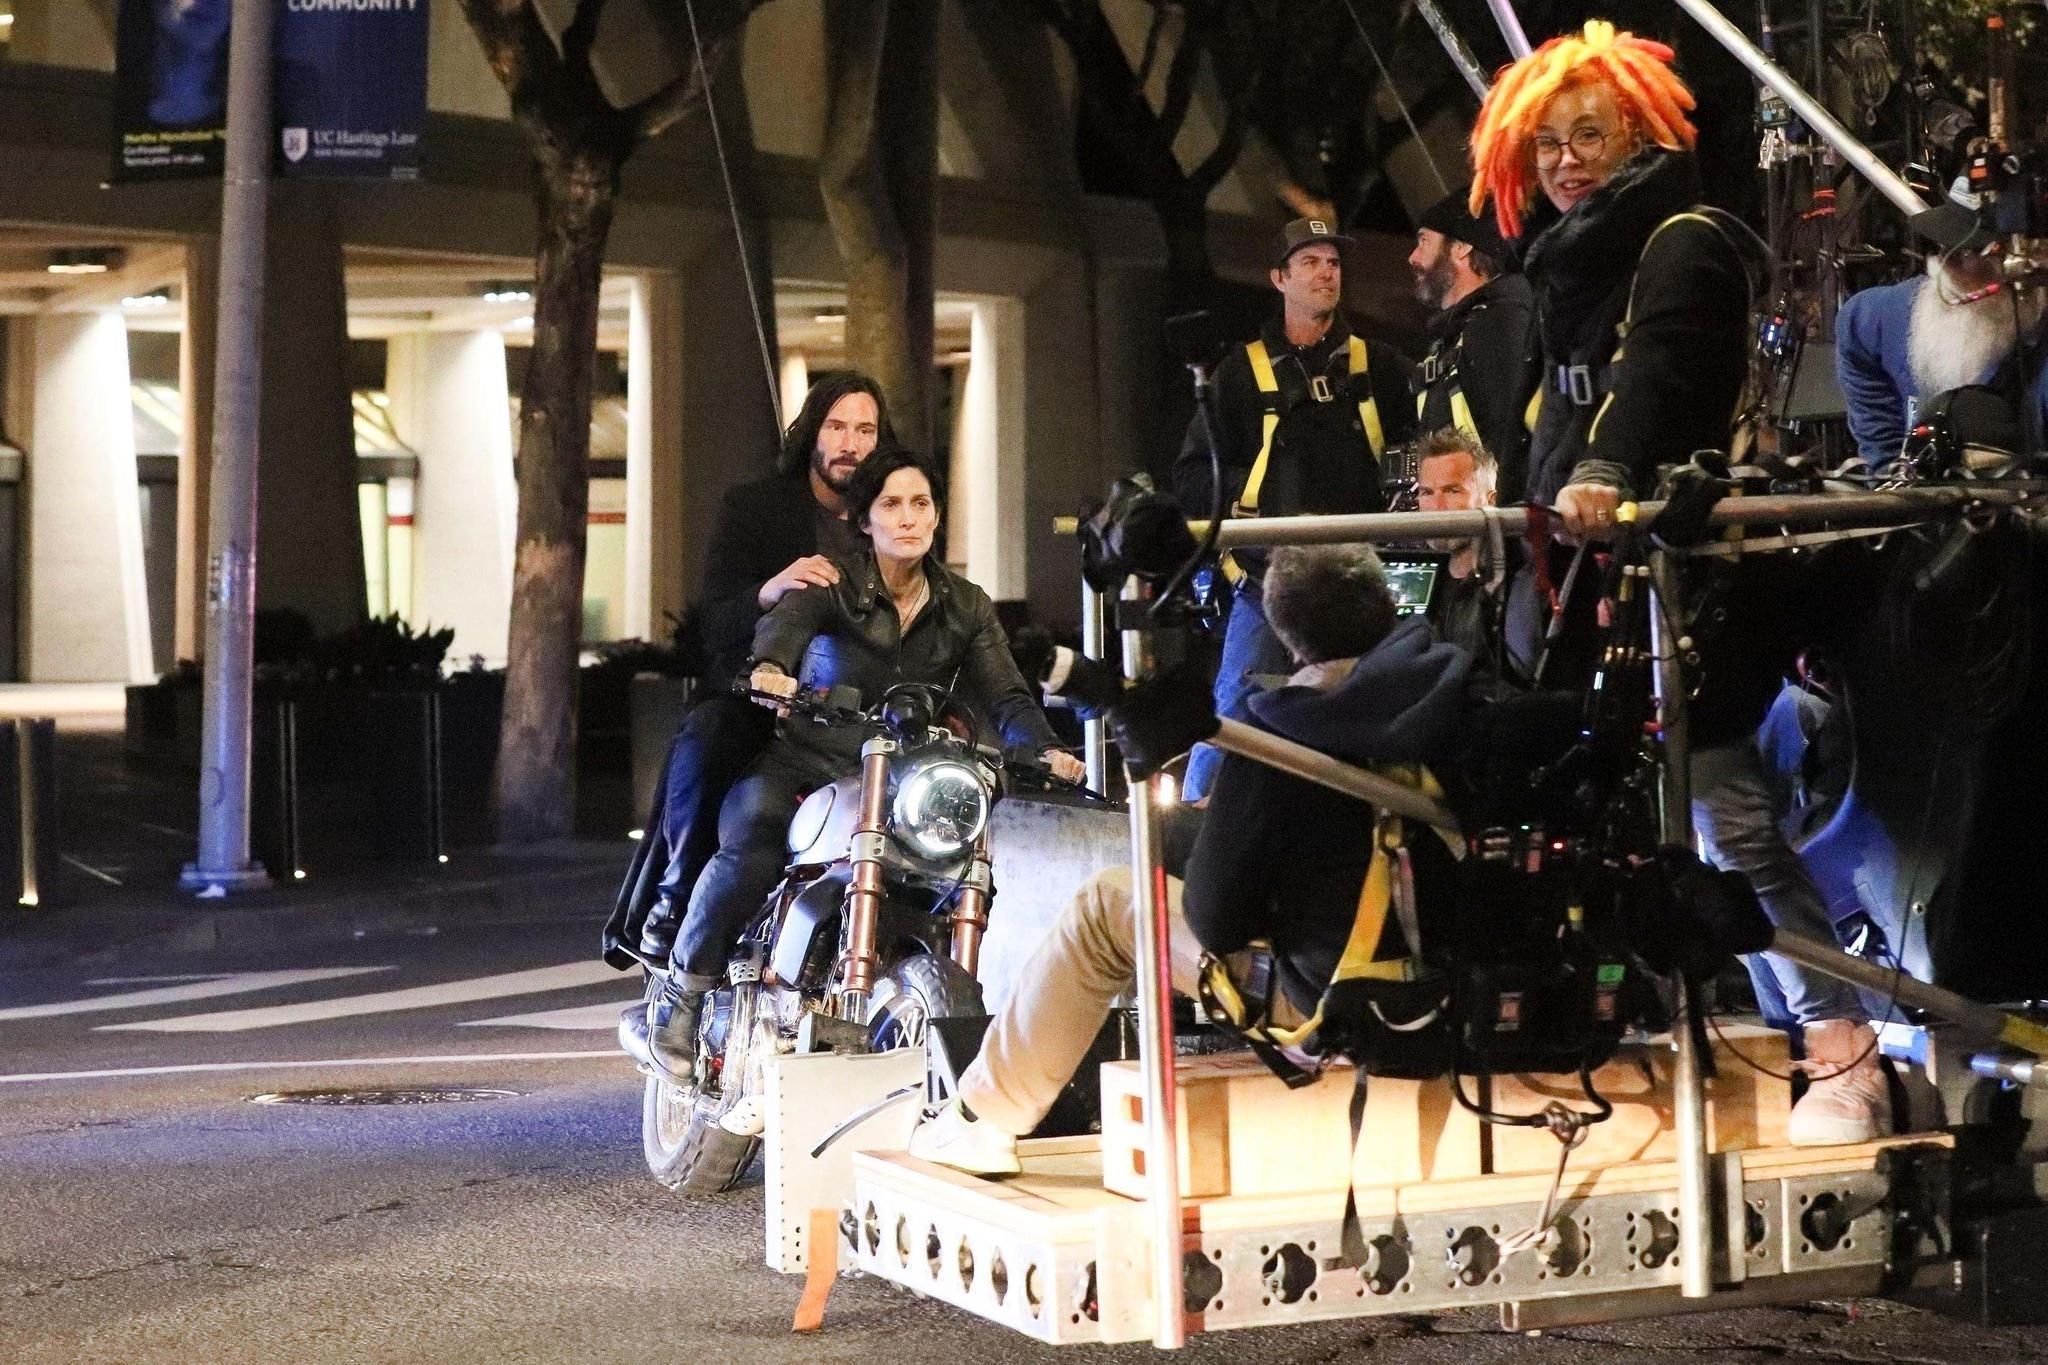 导演拉娜·沃卓斯基(黄发者)正在拍摄《黑客帝国4》的动作戏。